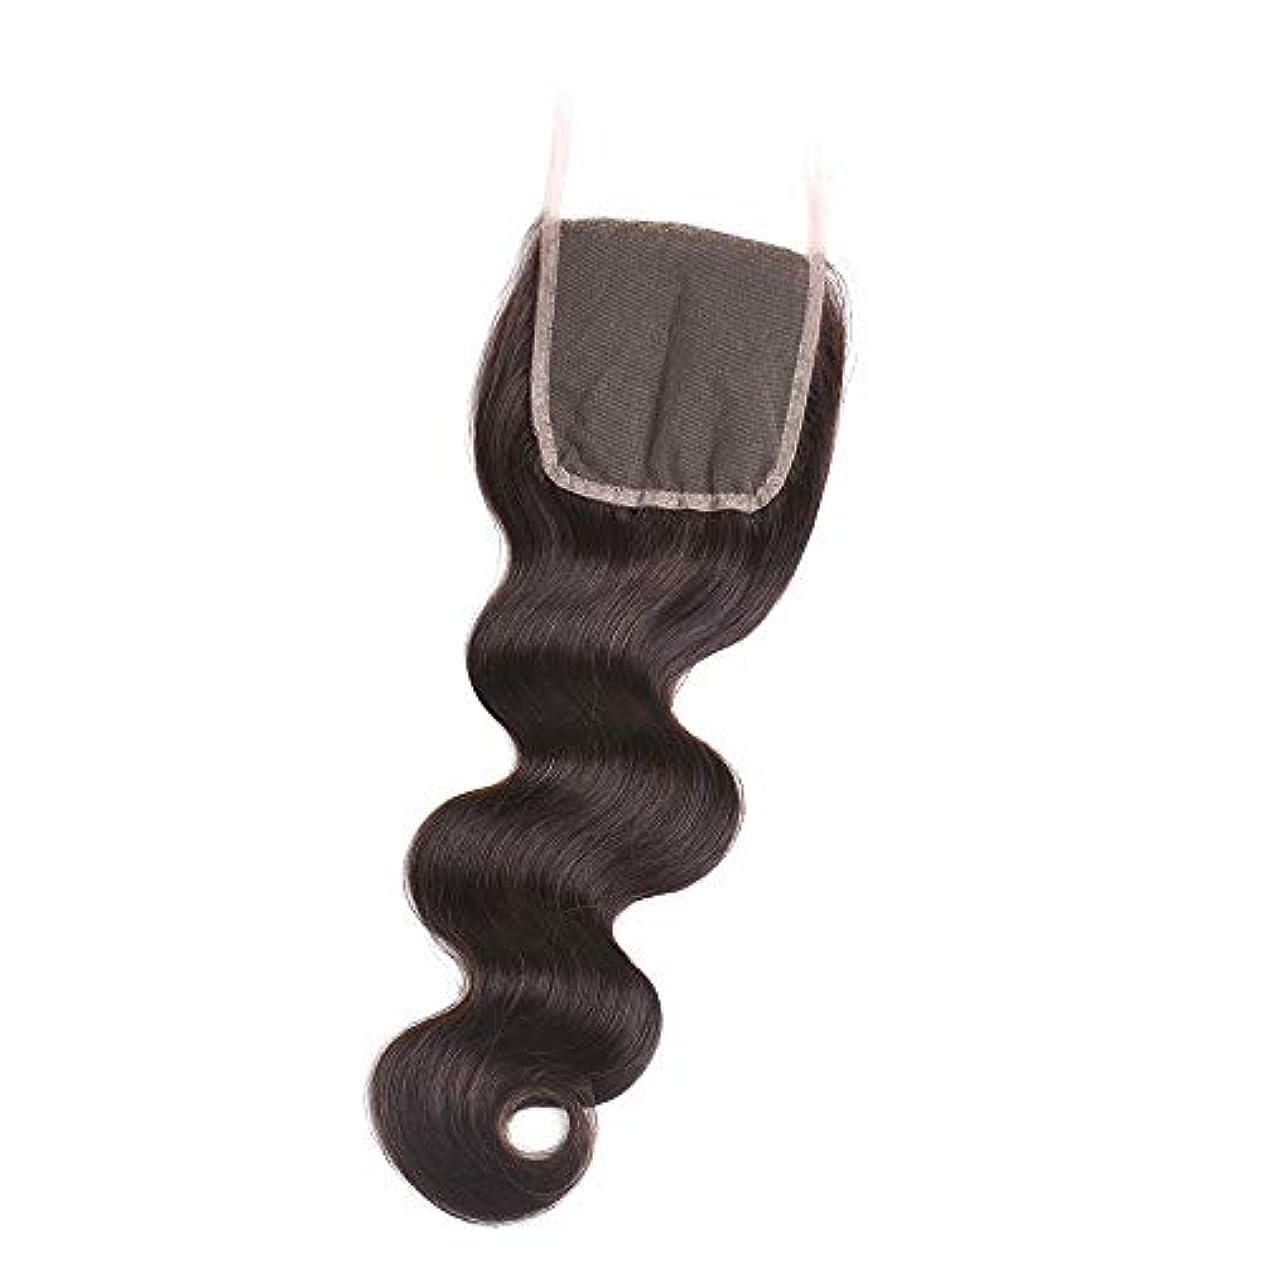 キロメートル彼らは探すYAHONGOE フリーパート4×4インチ実体波レース前頭閉鎖ブラジル人間の髪の毛ロールプレイングかつら女性の自然なかつら (色 : 黒, サイズ : 12 inch)